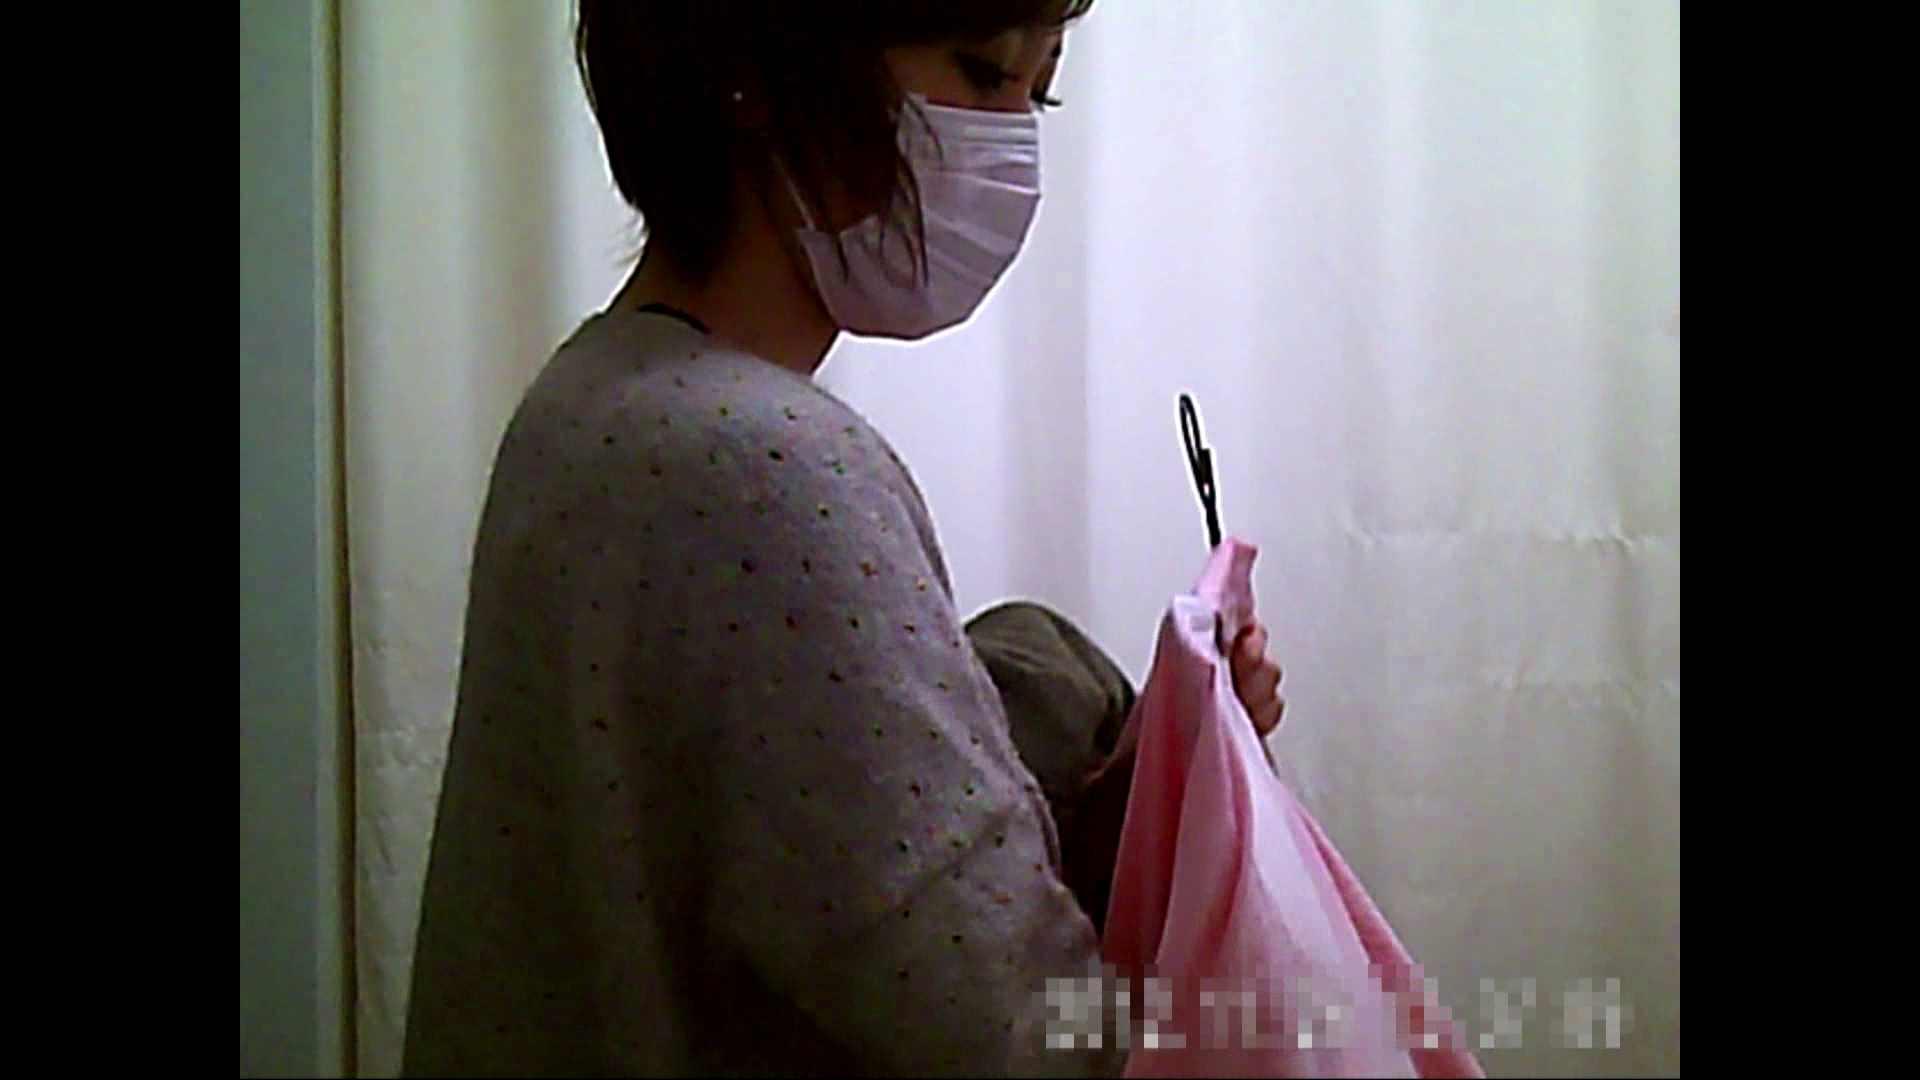 元医者による反抗 更衣室地獄絵巻 vol.281 OL   0  81連発 62